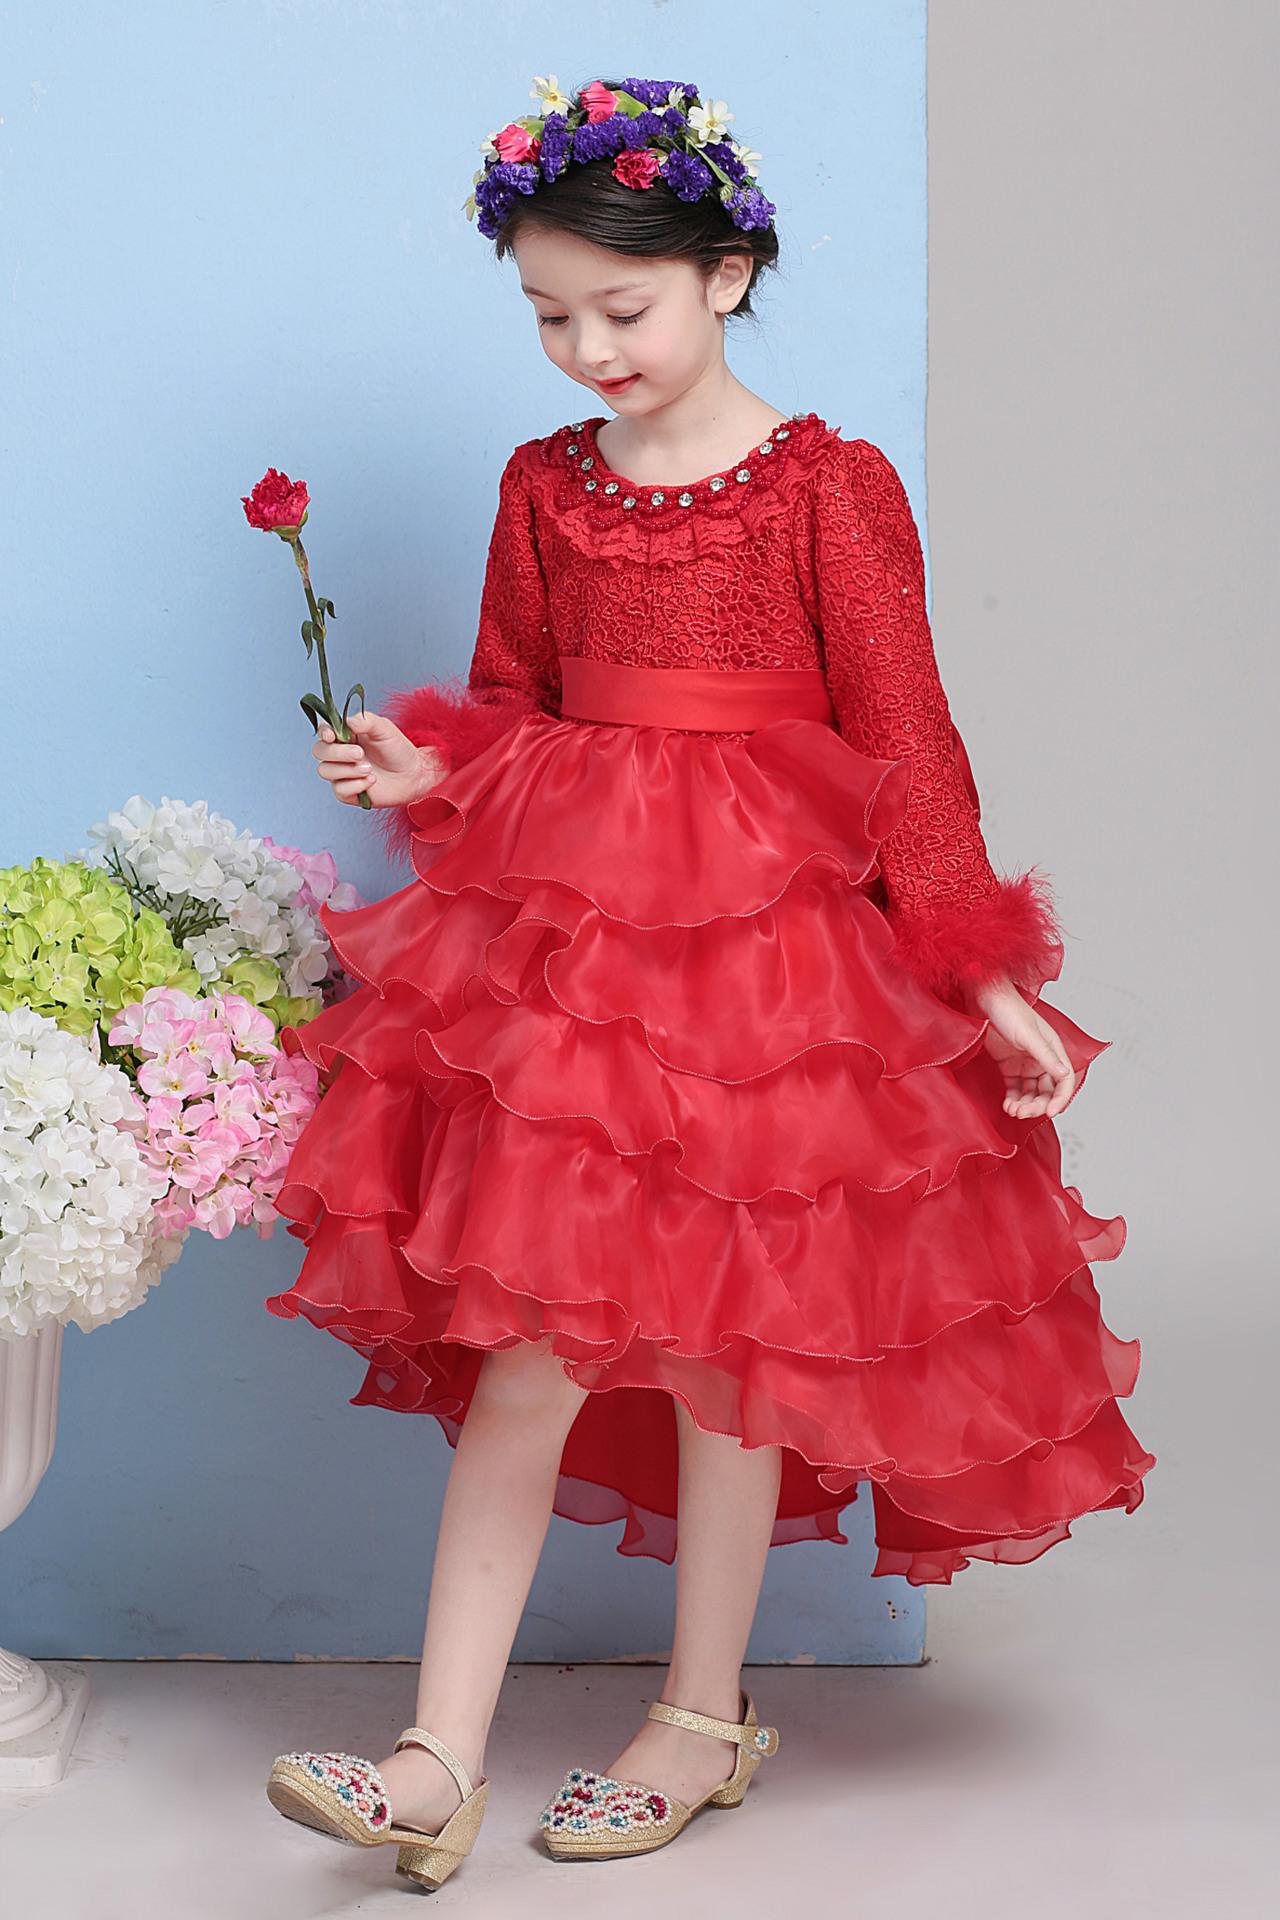 Скидки на Корейские Девушки Красный Бархат Кружева Принцесса Цветок День Рождения Свадебное Платье Партии Дети Clohthing Белый Красный Сетки Лук